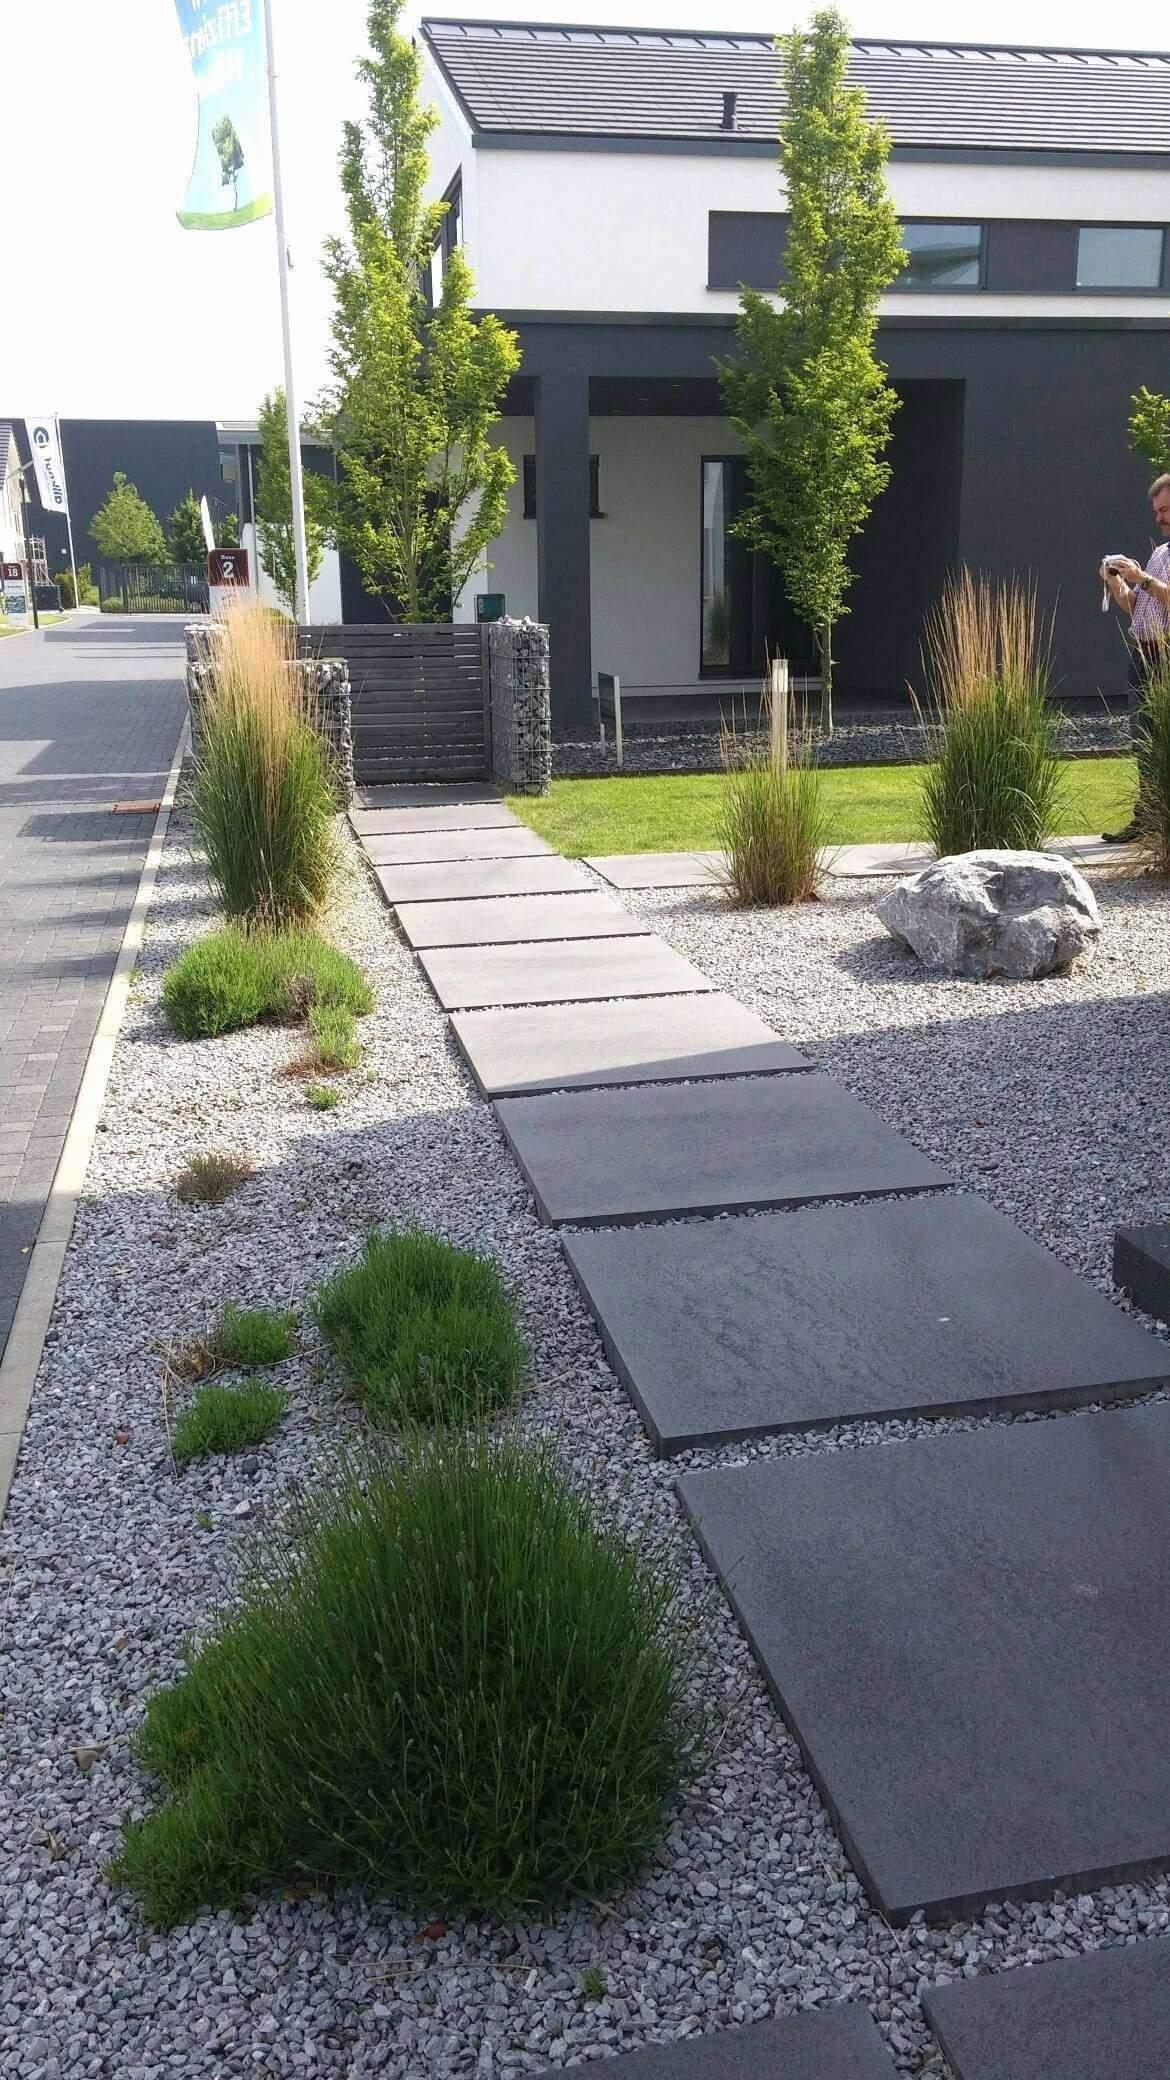 Rattenloch Im Garten Inspirierend 27 Neu Garten Gestalten Beispiele Inspirierend